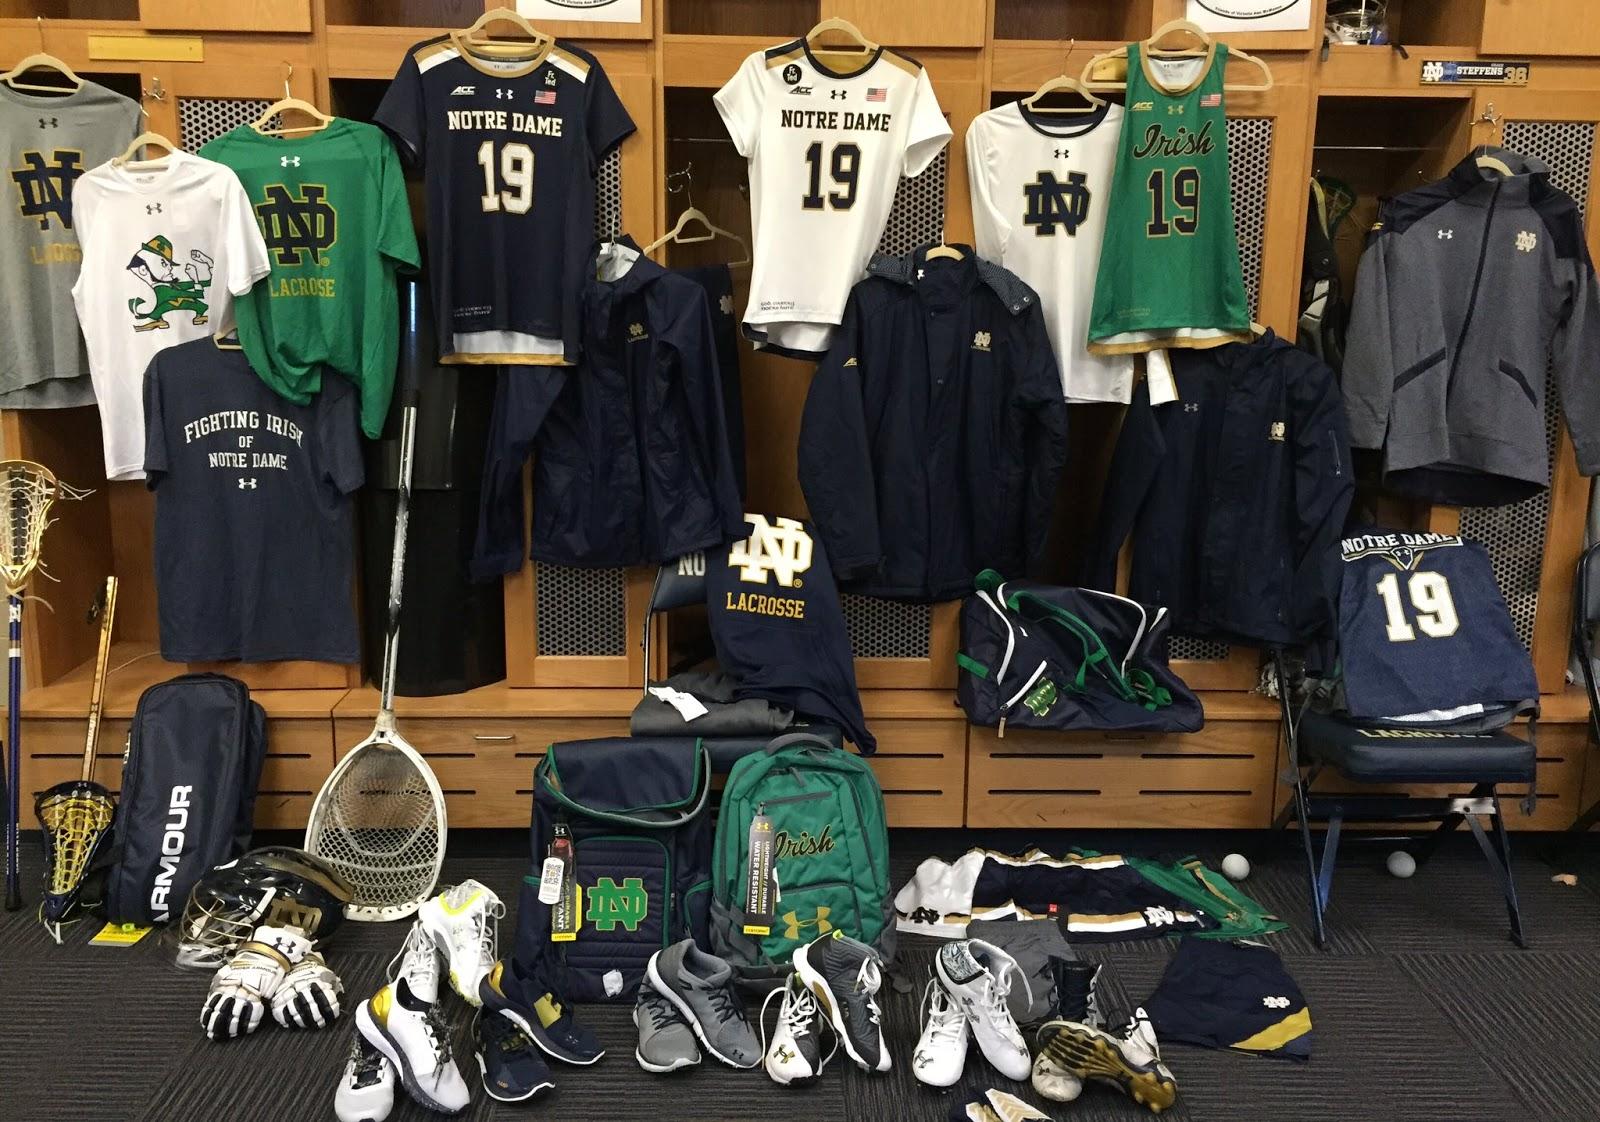 dorado Accor Industrializar  JIM SMALL'S NOTRE DAME GO IRISH BLOG -- www.NDGOIRISH.com -- A NOTRE DAME  BLOG: Under Armour Gear For Notre Dame Athletes